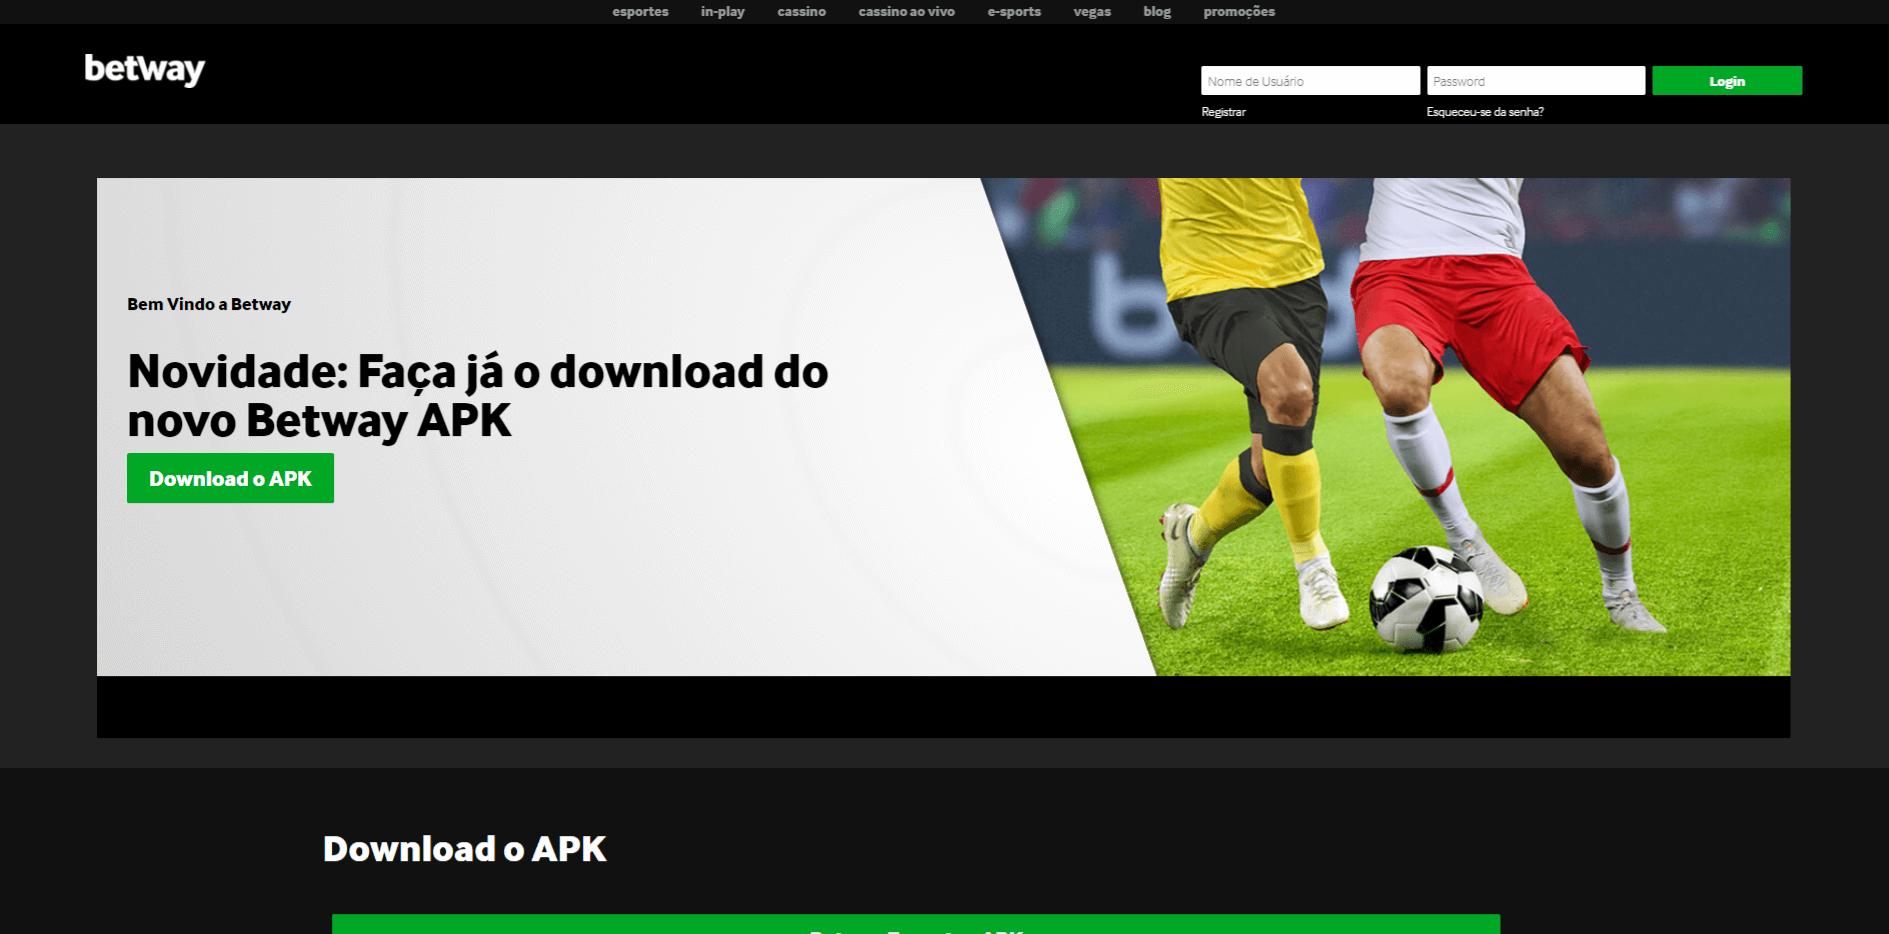 faça o download do novo Betway APK